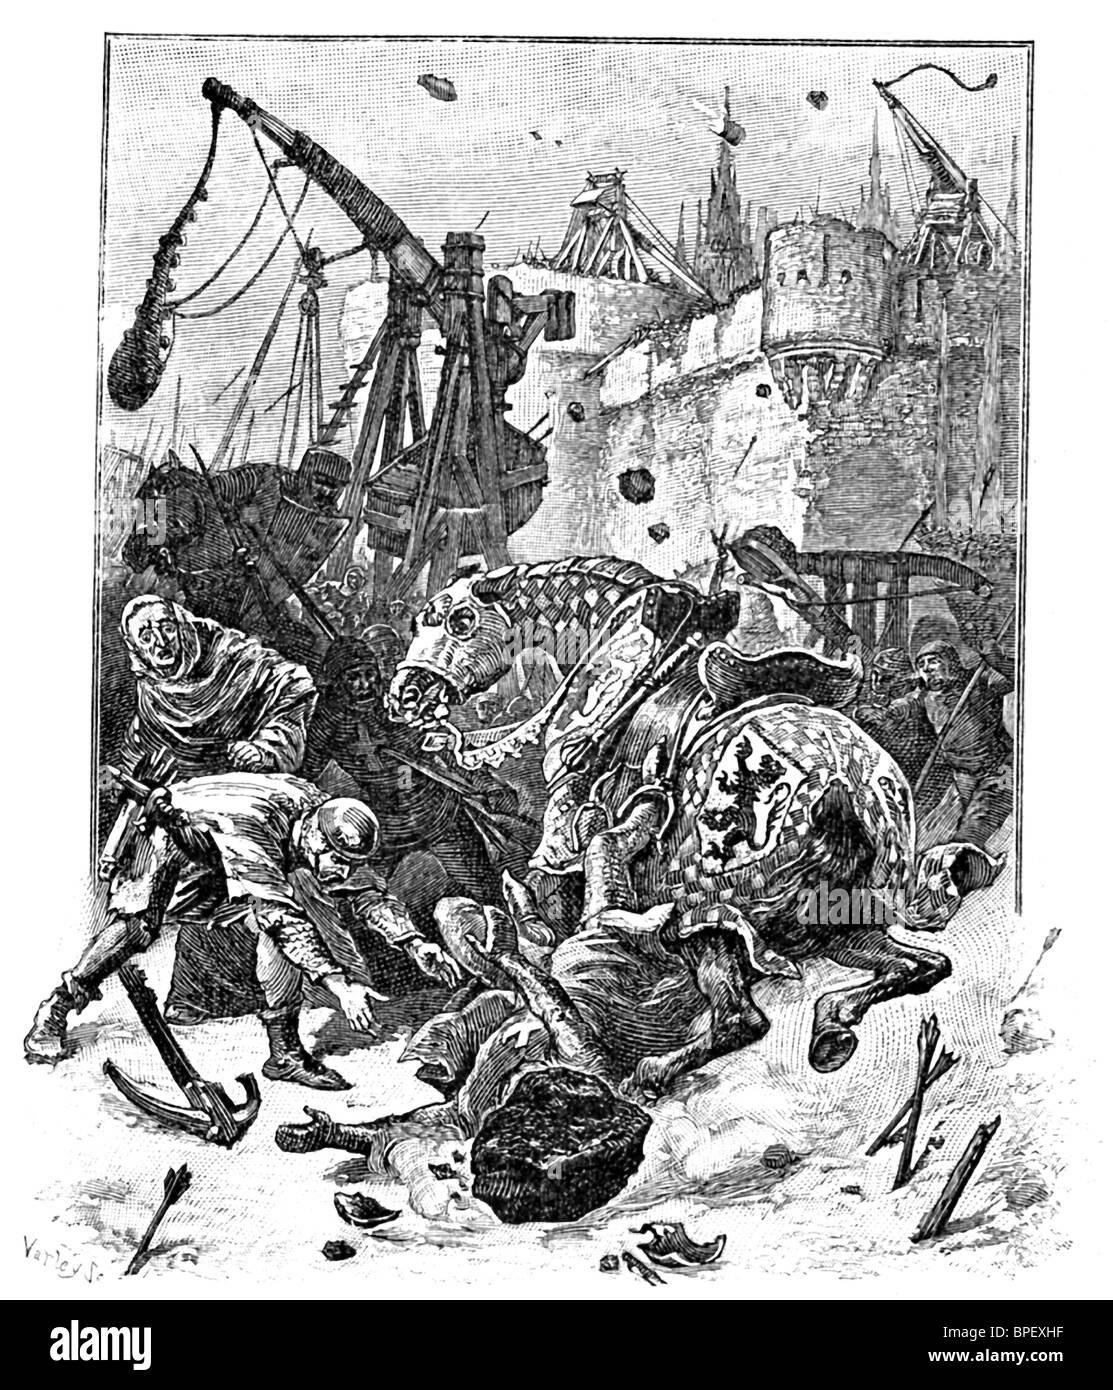 Una fortezza medievale città in Italia sotto assedio, con entrambi gli eserciti sono ballistae. Immagini Stock